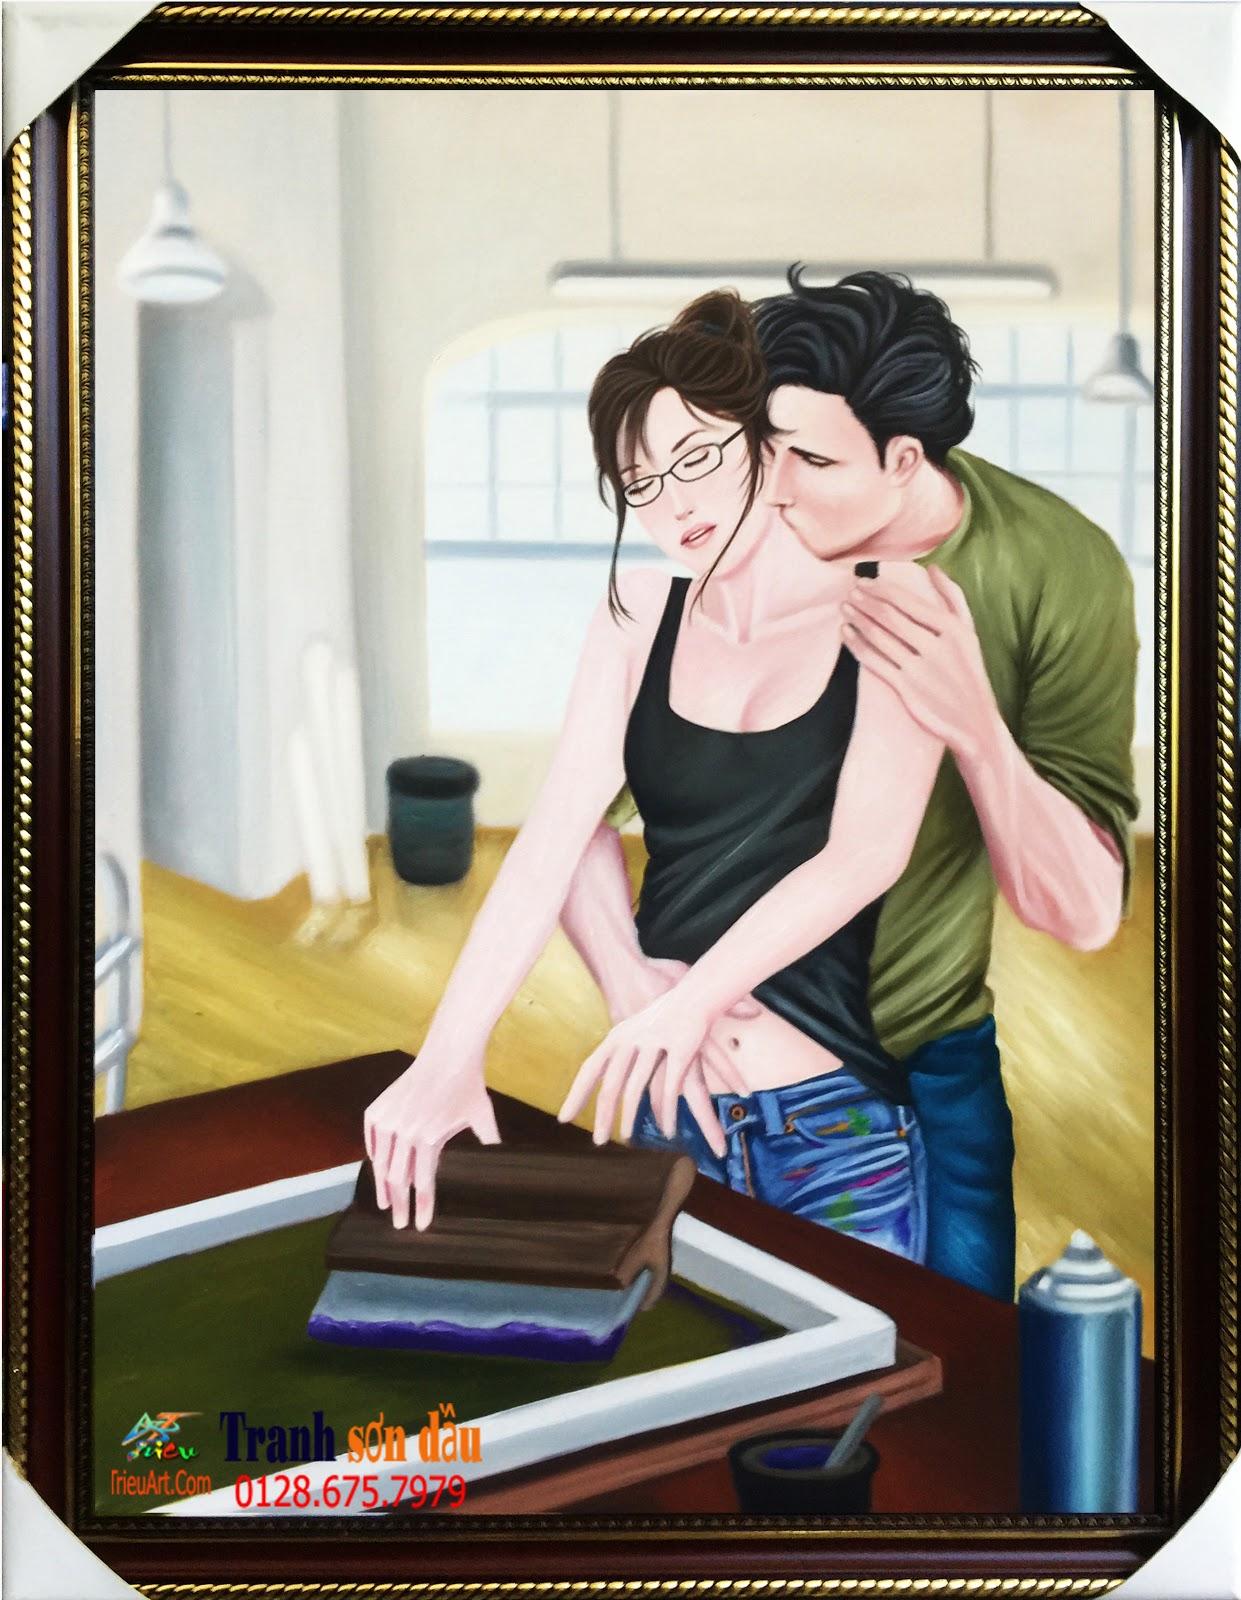 tranh lãng mạn